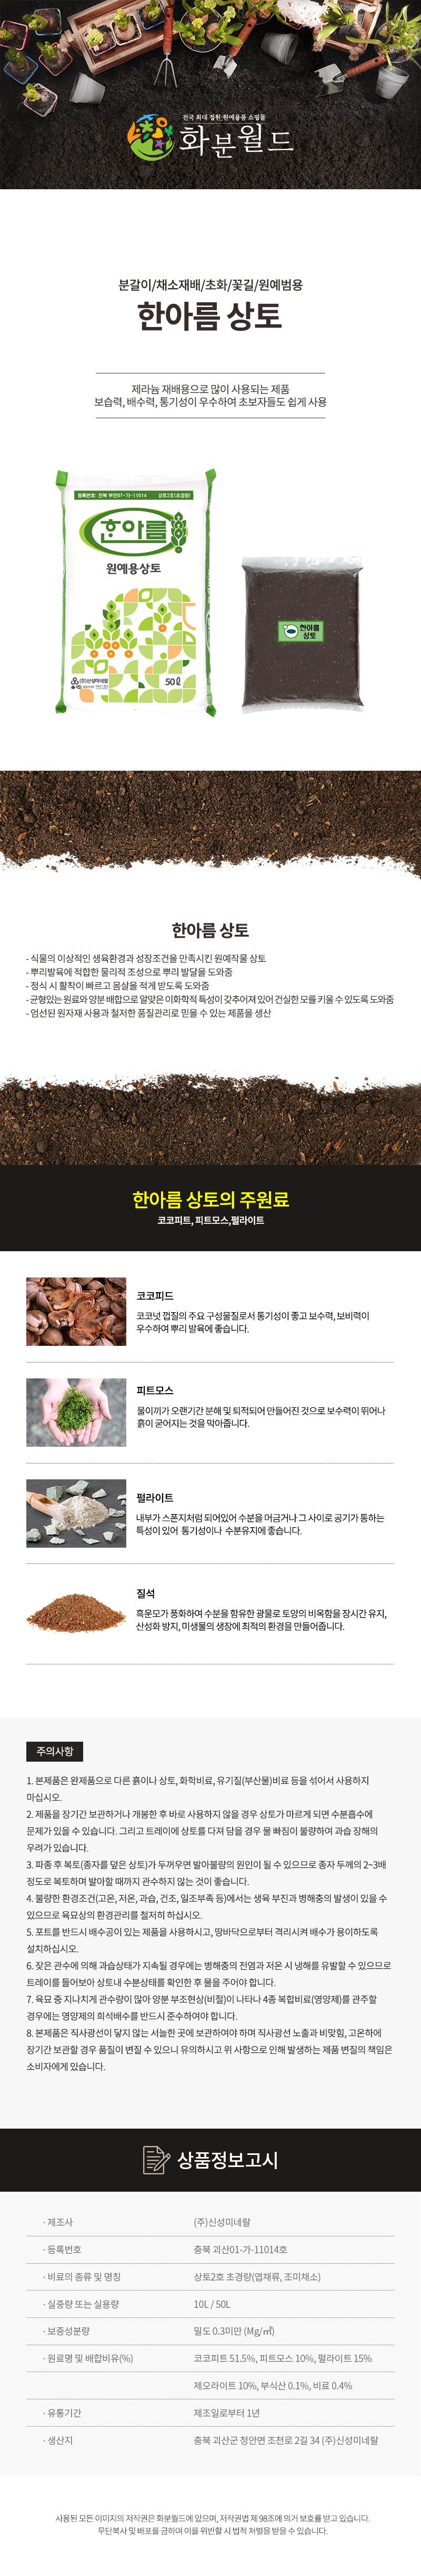 화분월드 한아름 상토 10리터 - 화분월드, 3,000원, 새싹/모종키우기, 흙/비료/영양제